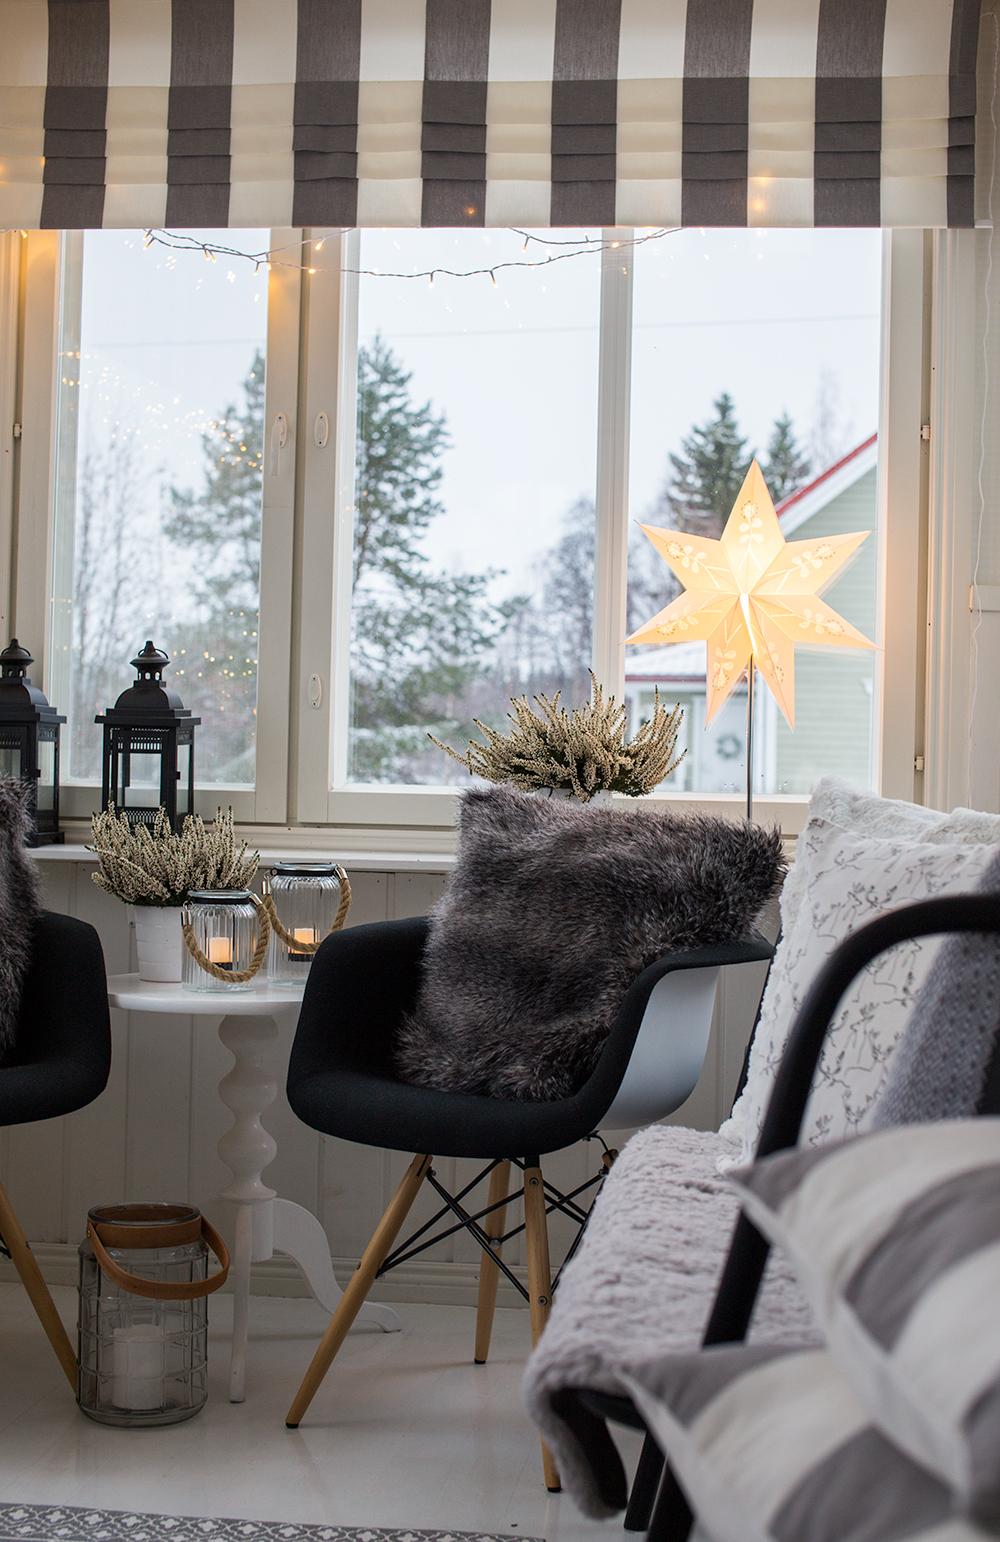 Valoja verannalla ja jännittäviä tilanteita